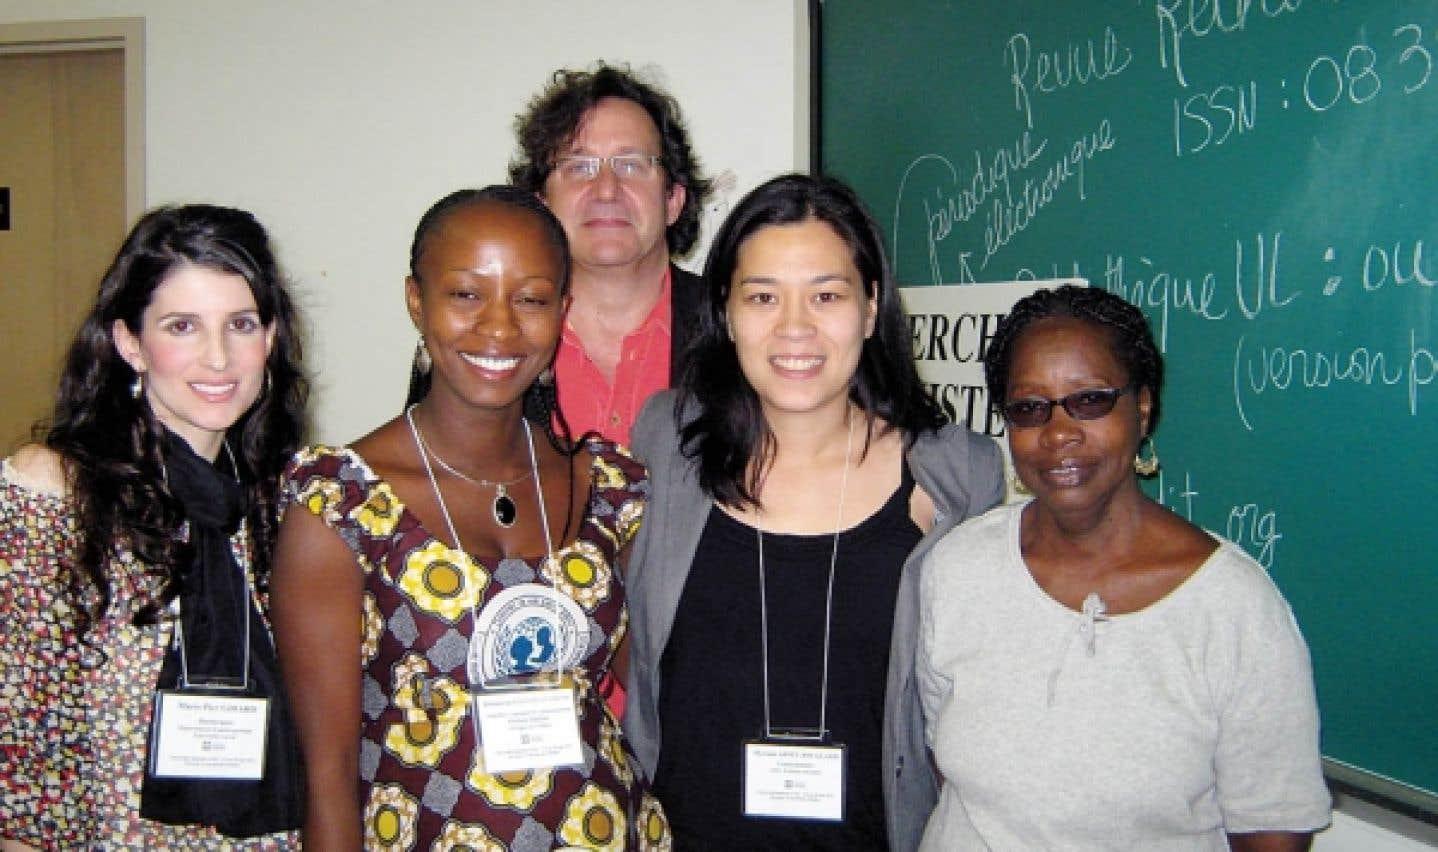 Marie-Pier Girard, Hannatou Ousmane, Myriam Ariey-Jouglard et Codou Bop, conférencières, ainsi que Richard Marcoux, président de la séance consacrée au travail de jeunes femmes du Sud, à l'Université féministe d'été en 2011